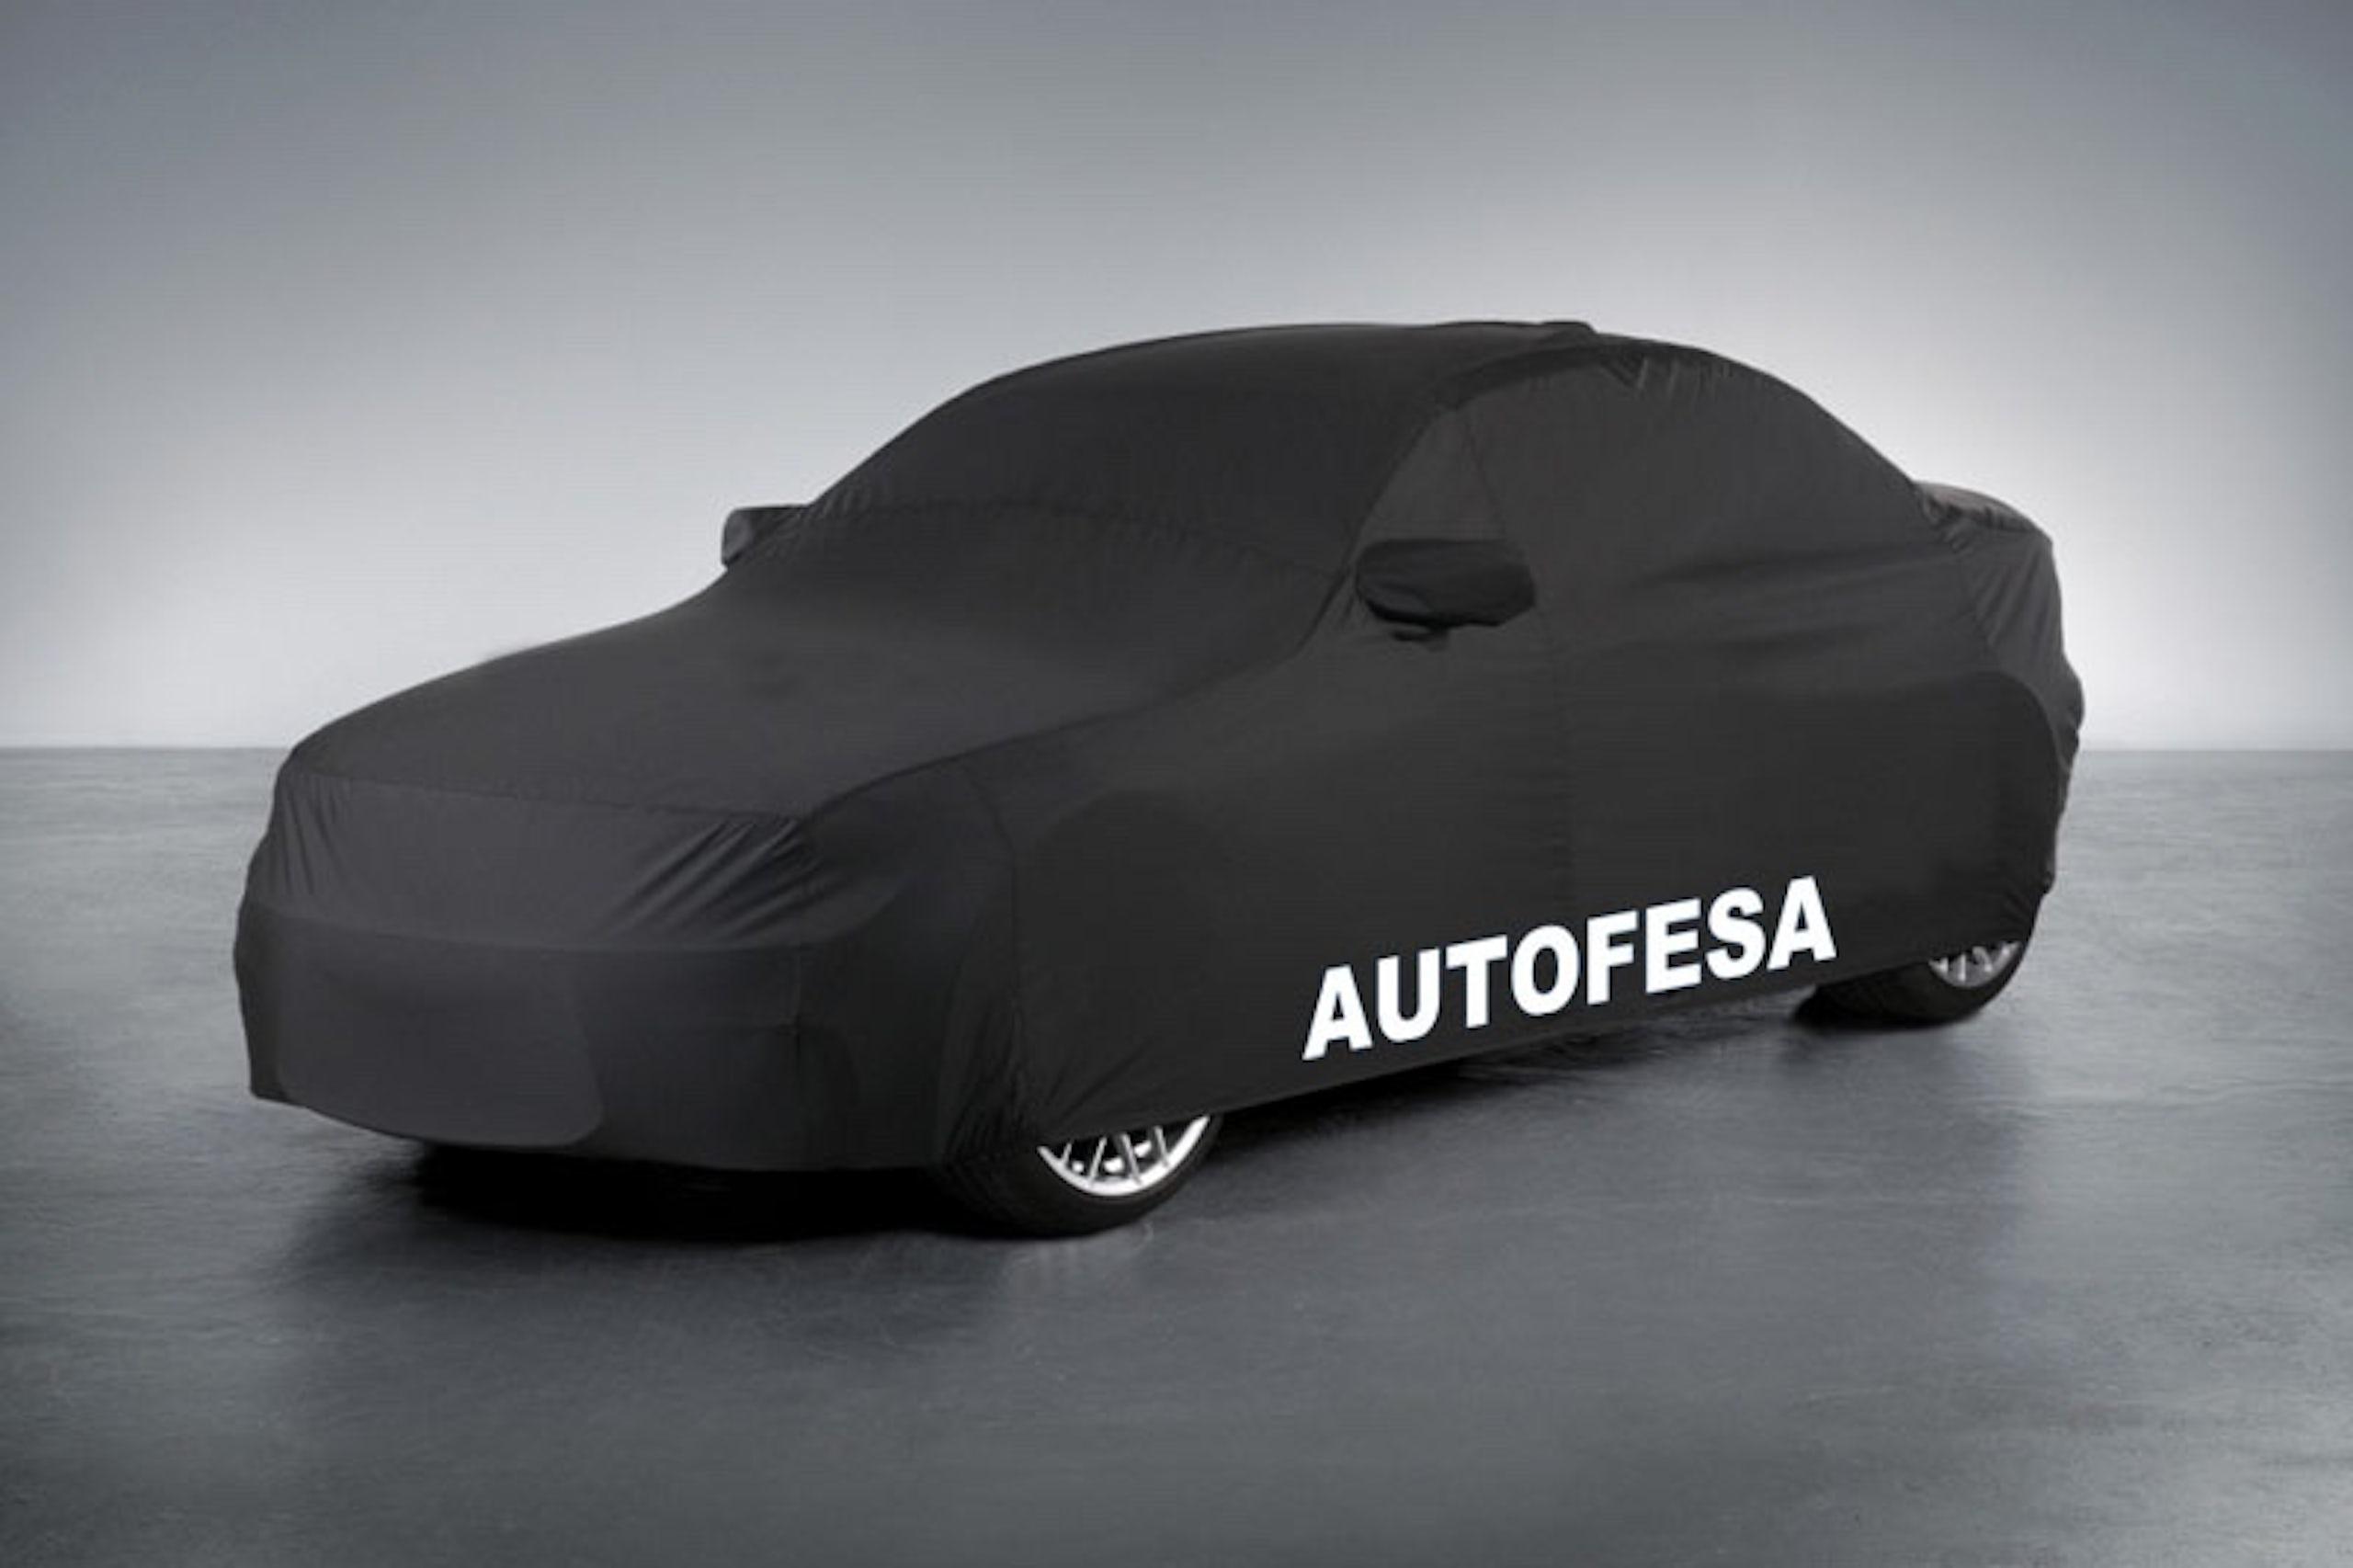 Audi Q7 3.0 TDI 233cv quattro Tiptronic 5p 7plz Auto - Foto 17